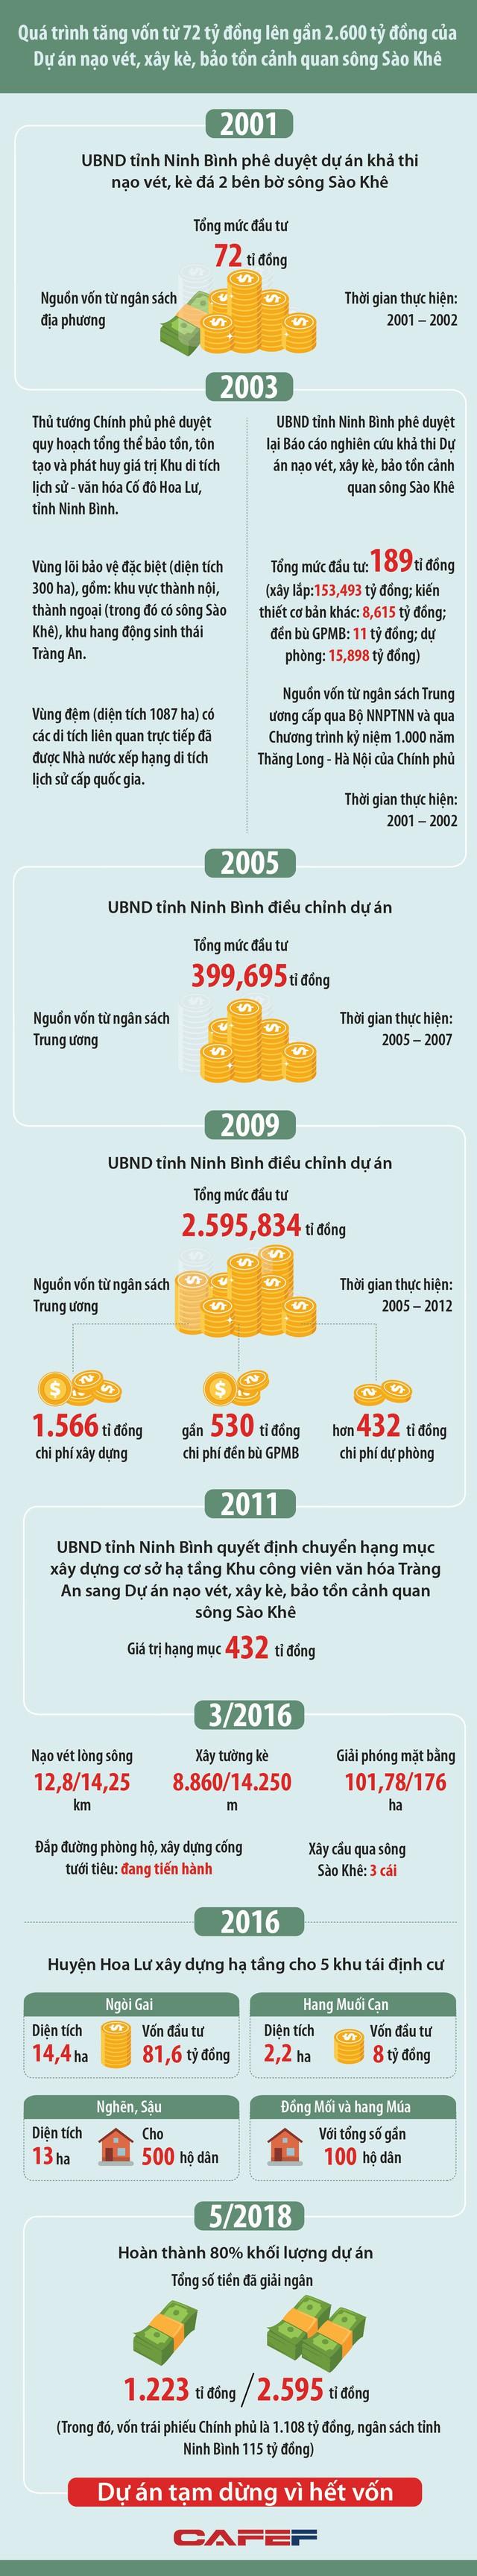 Toàn cảnh 3 lần tăng vốn dự án nạo vét sông từ 72 tỷ đồng lên gần 2.600 tỷ đồng ở Ninh Bình 2